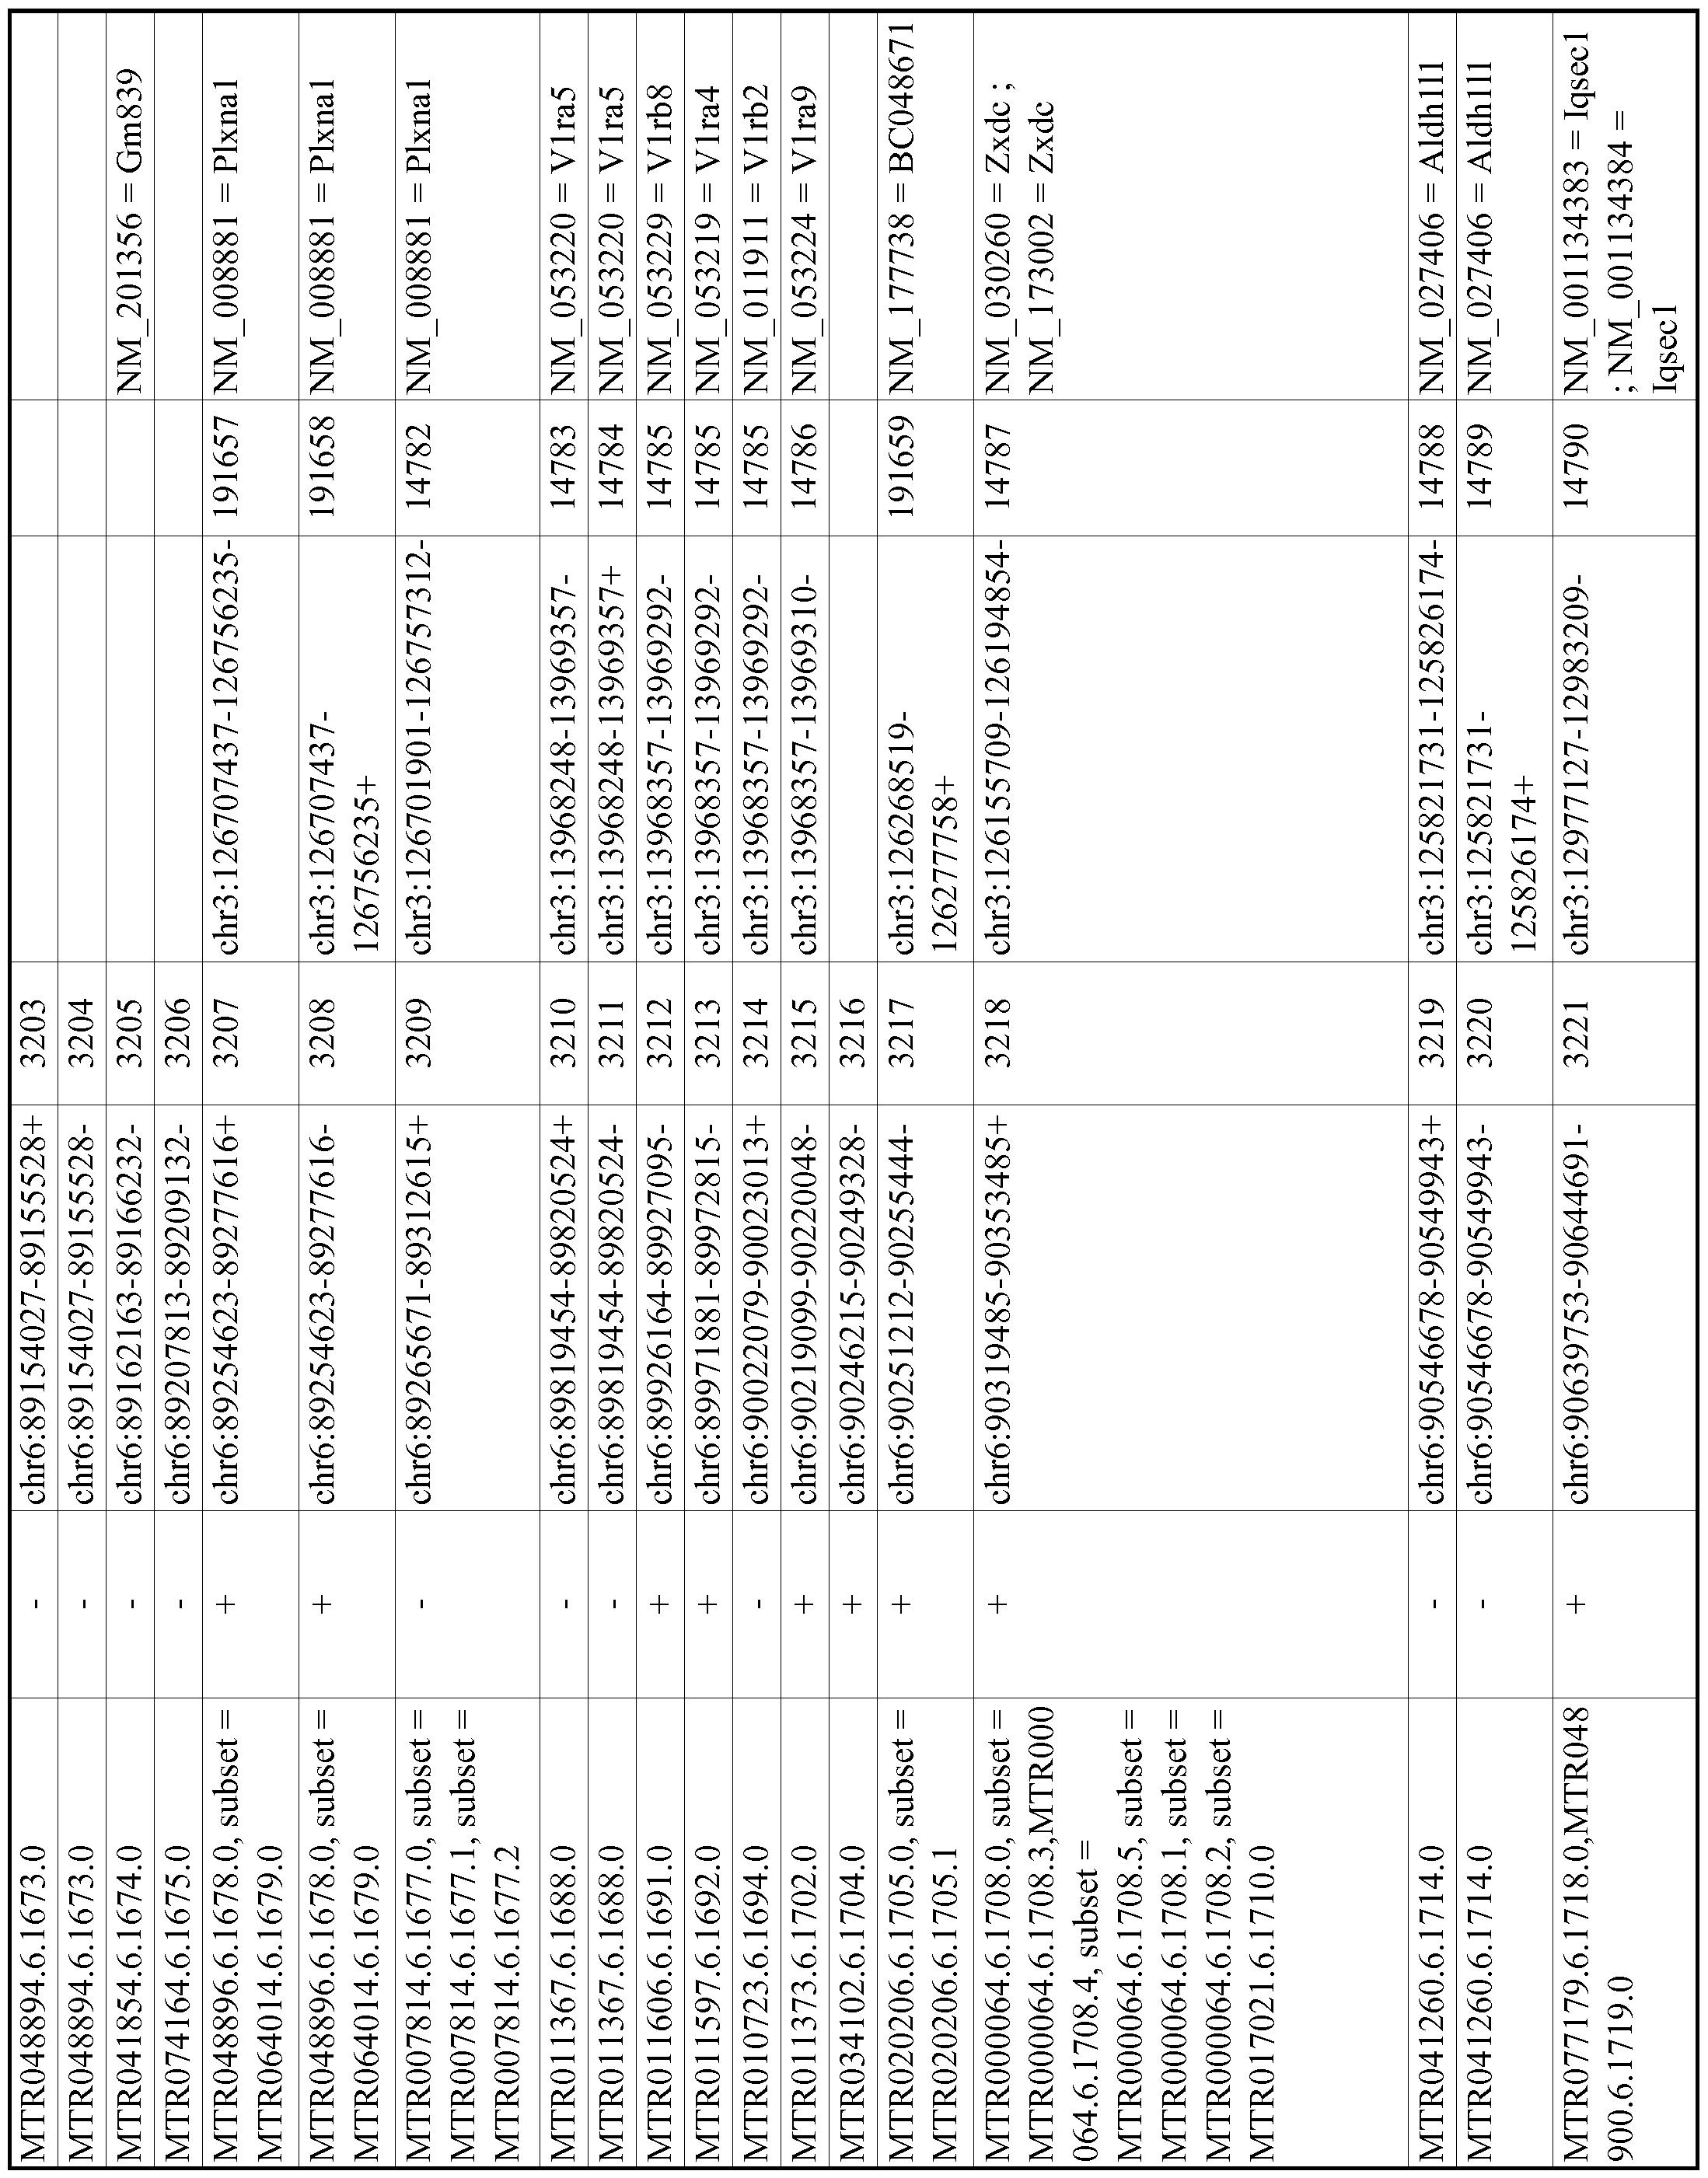 Figure imgf000638_0001